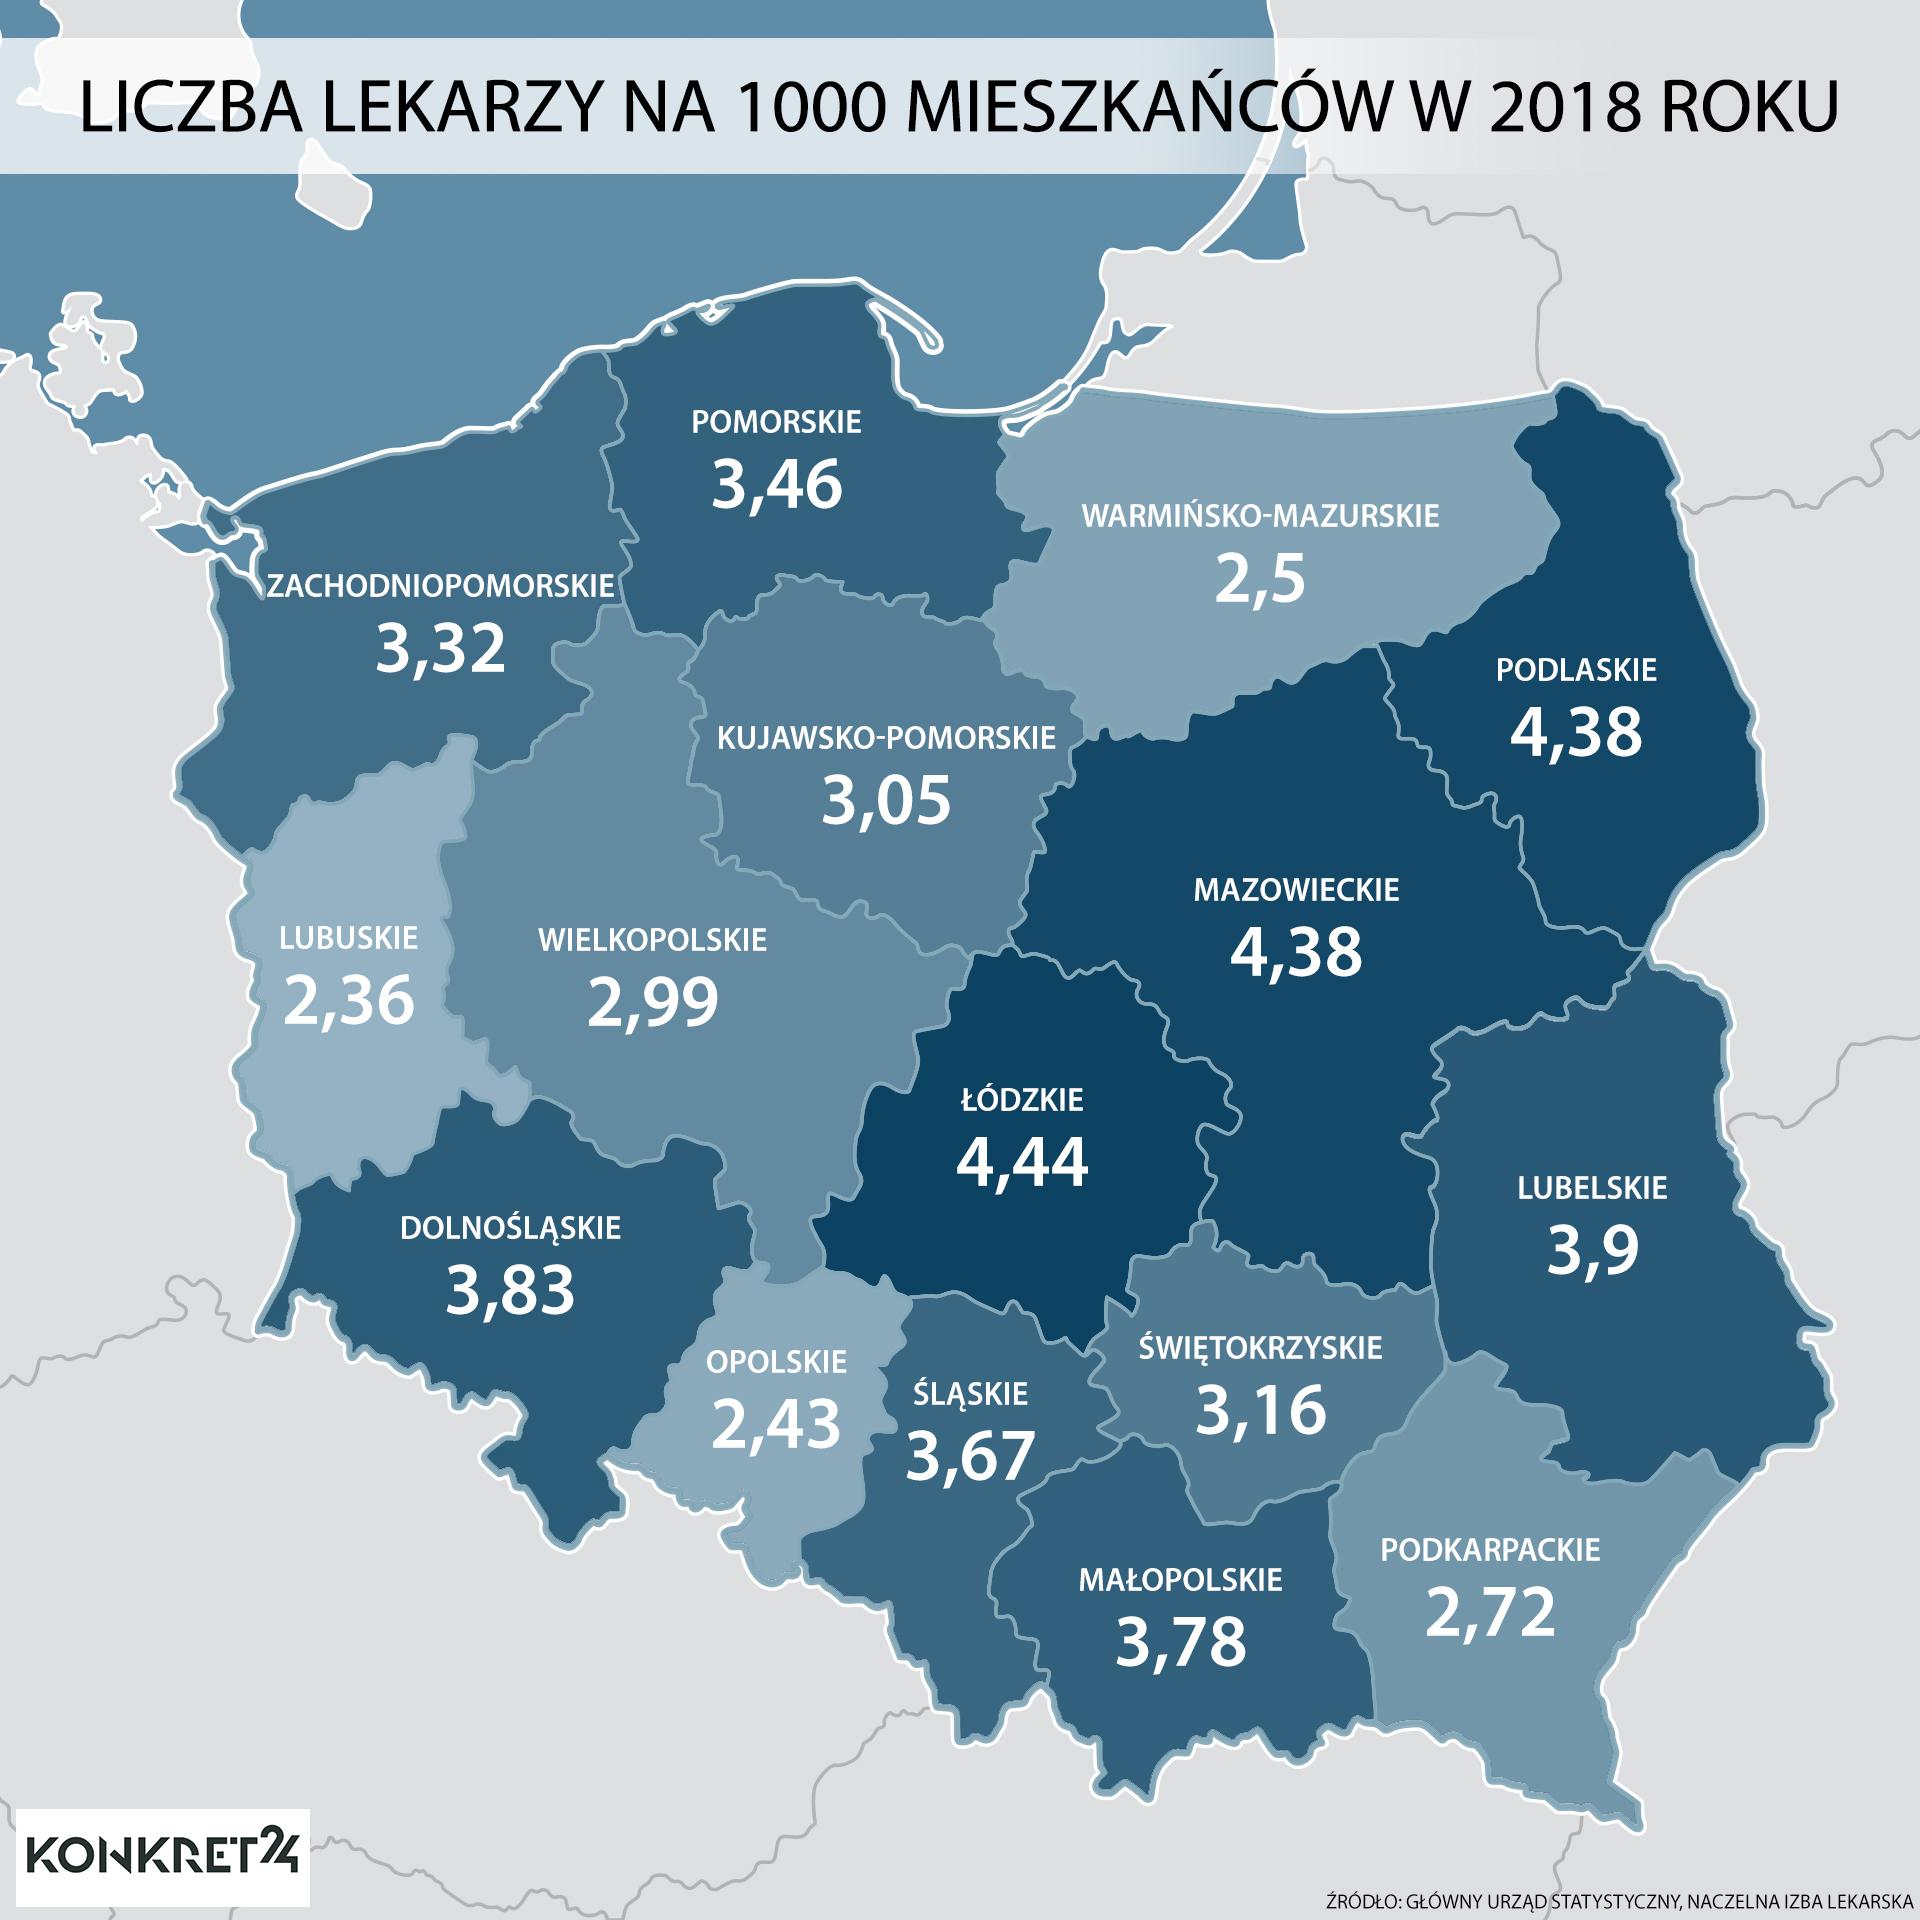 Liczba lekarzy na 1000 mieszkańców w Polsce w 2018 roku